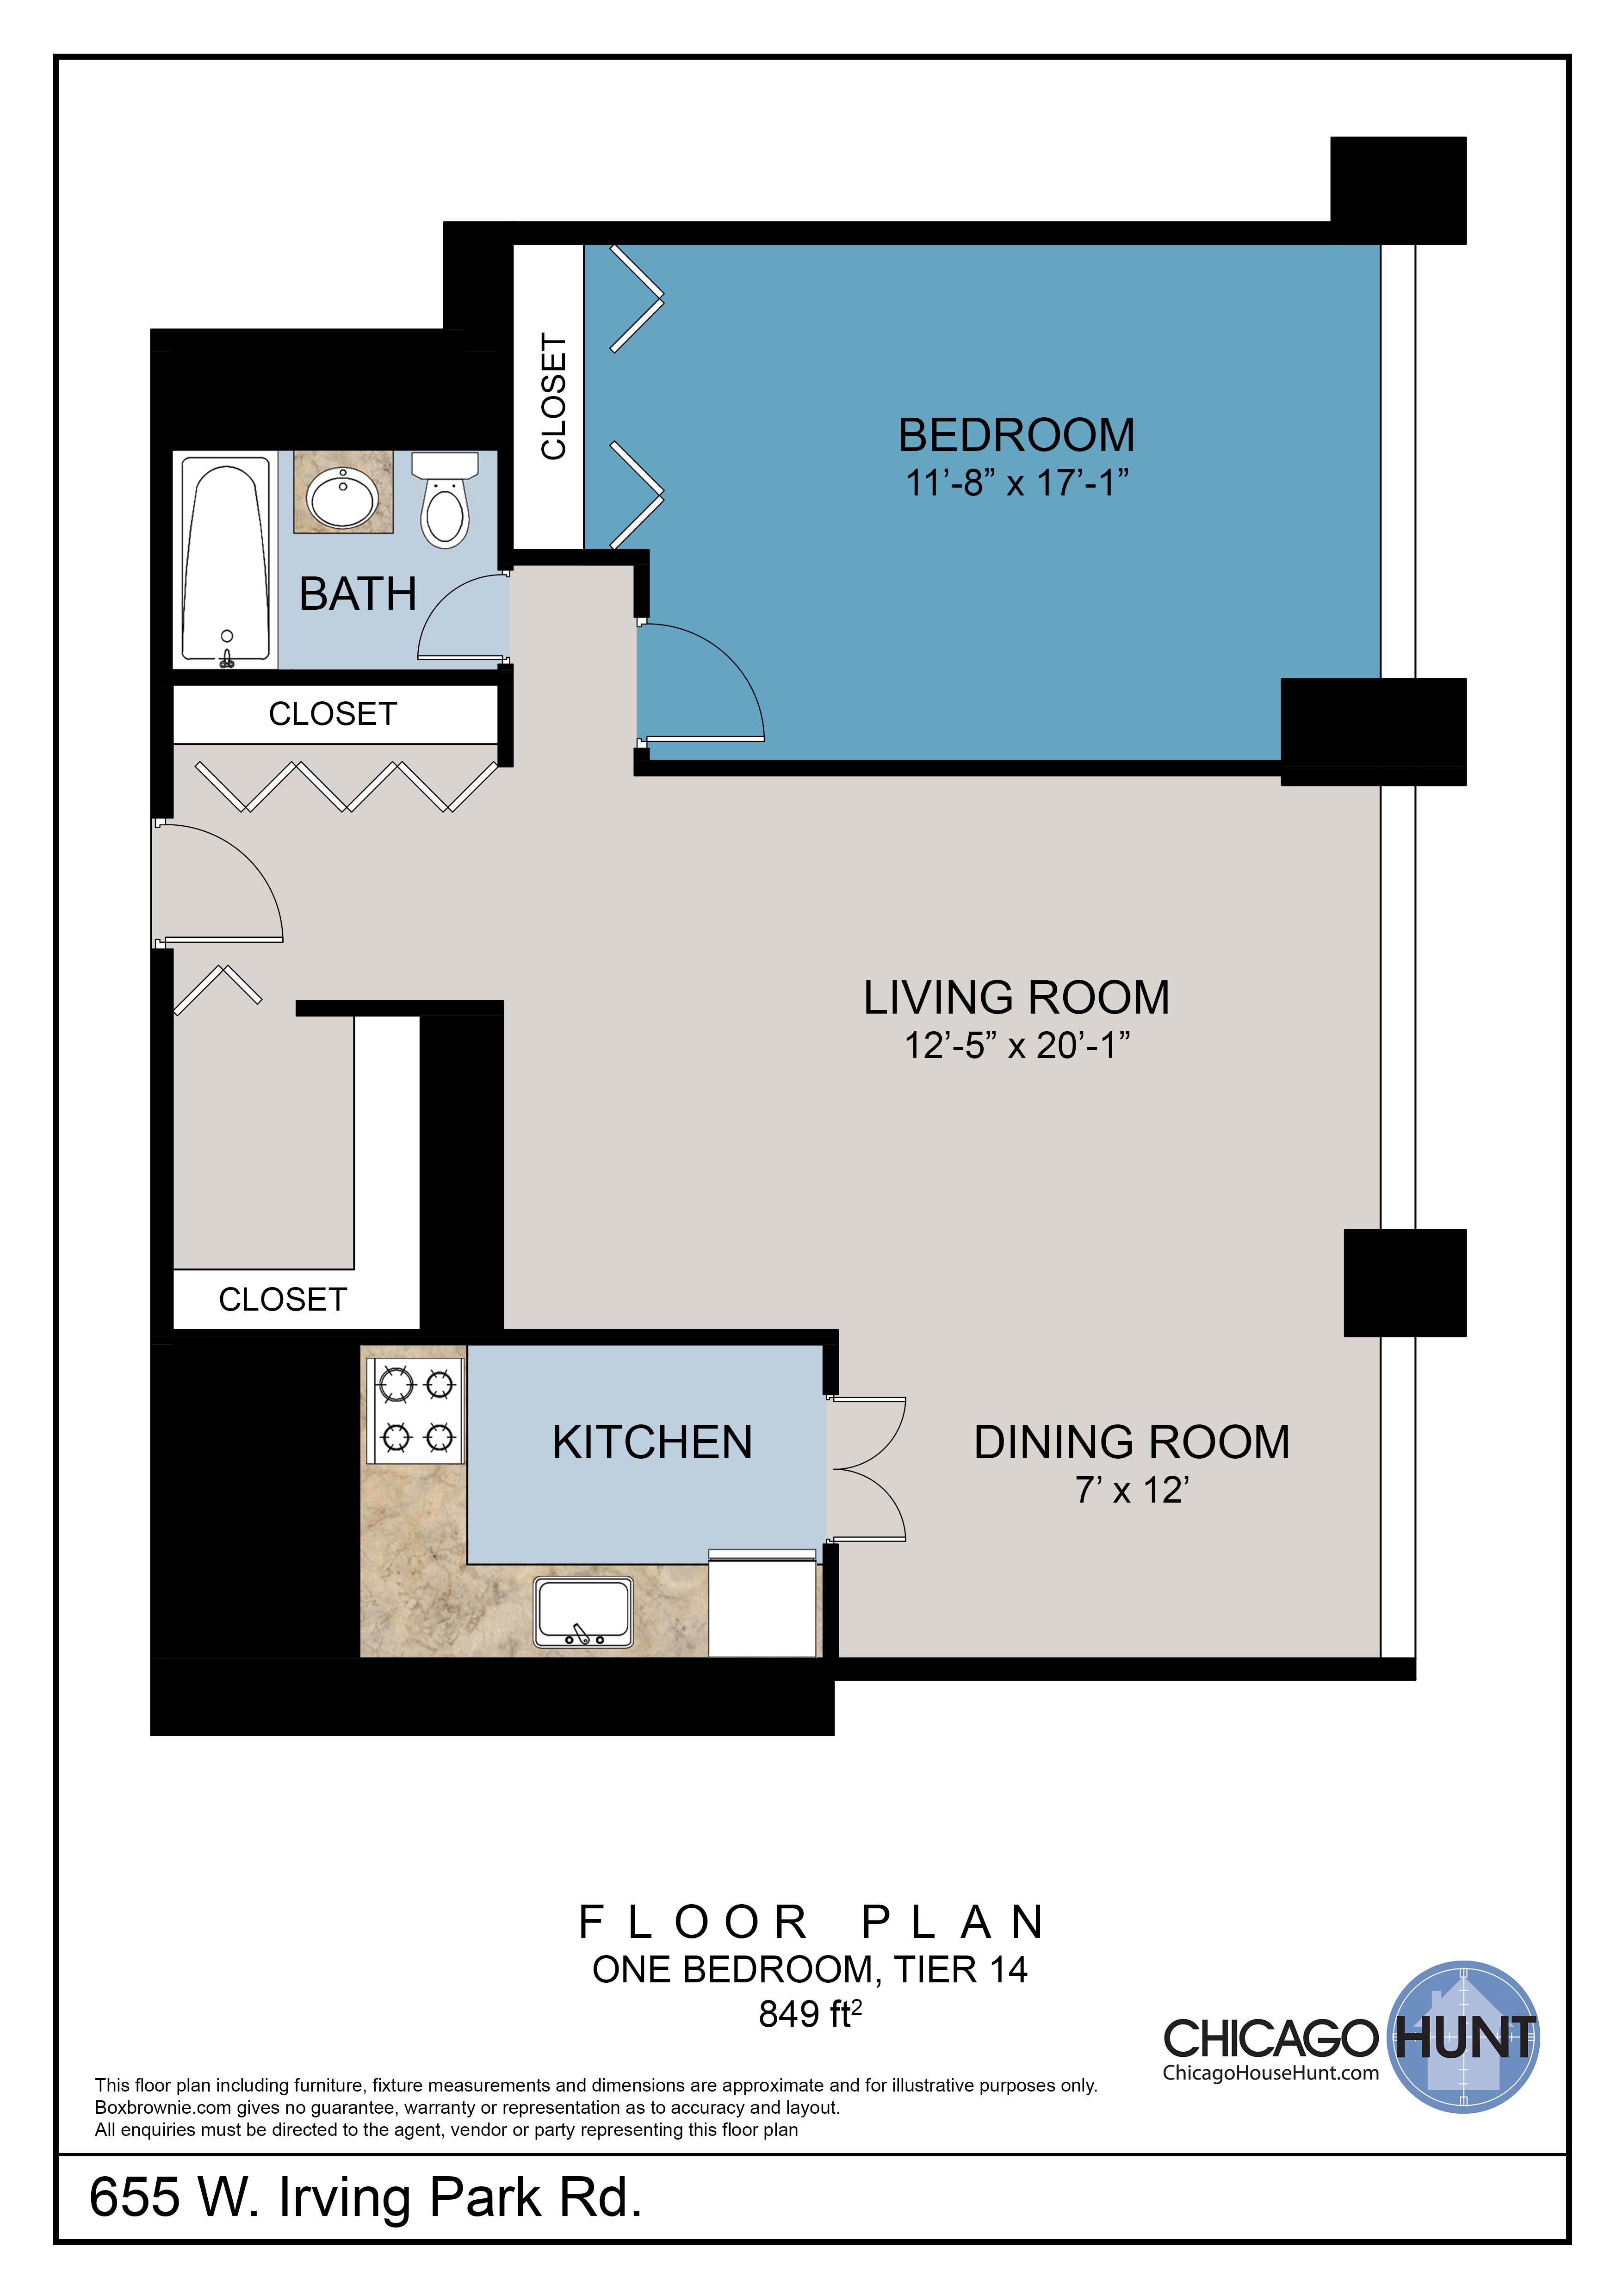 655 Irving Park, Park Place Towere - Floor Plan - Tier 14